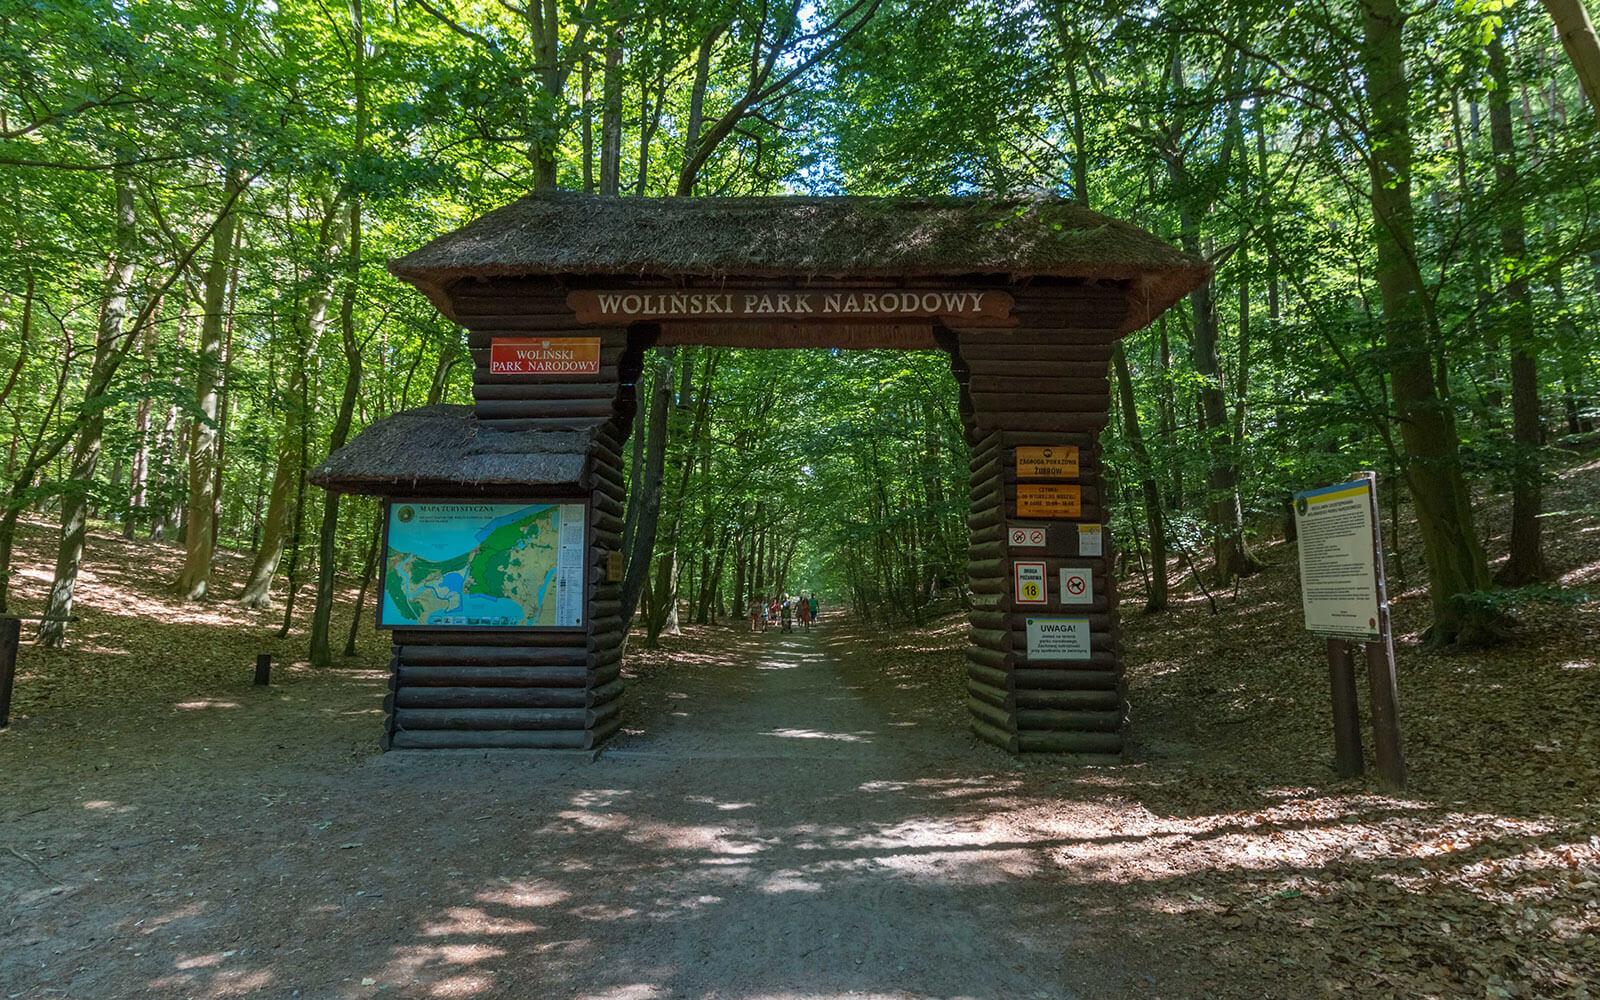 Brama iwejście doWolińskiego Parku Narodowego